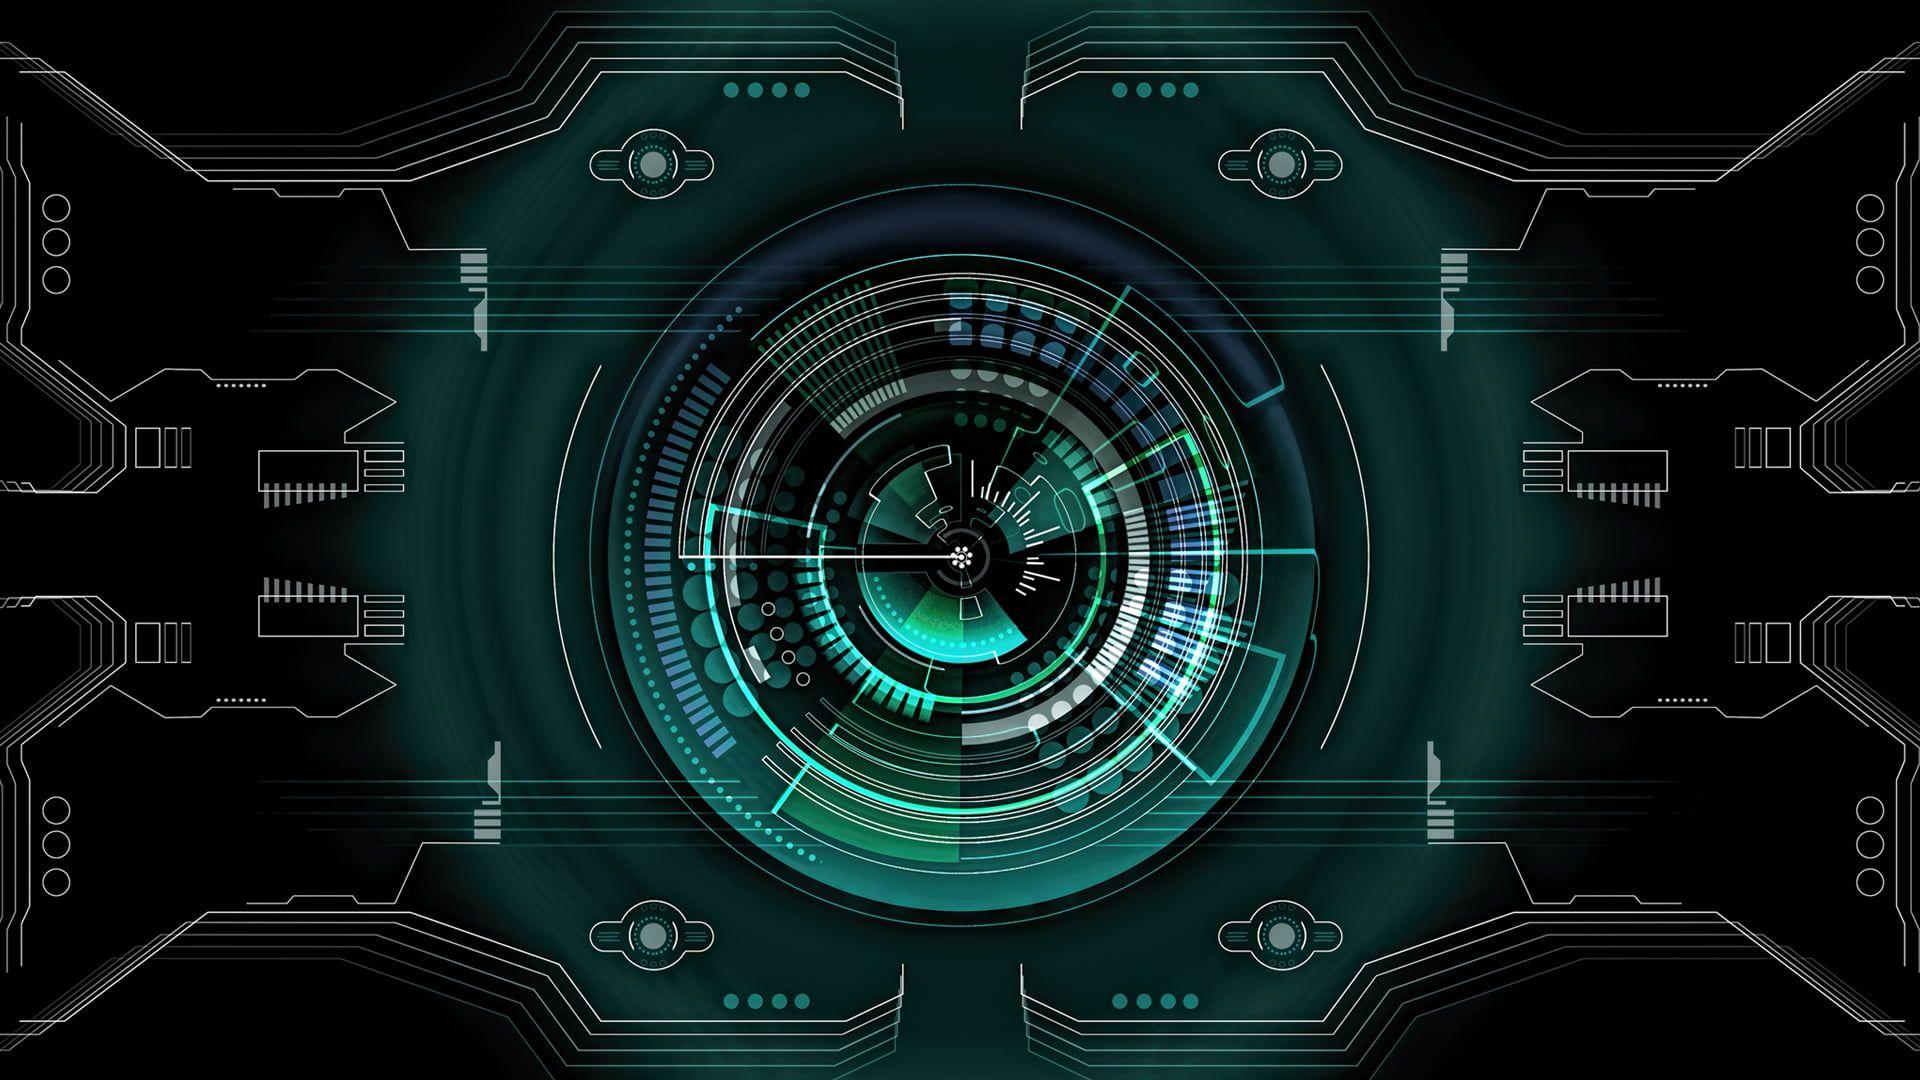 Science Fiction Futuristic Hud Tech Abstract 1080p Wallpaper Hdwallpaper Desktop Hd Wallpaper Joker Wallpapers Wallpaper